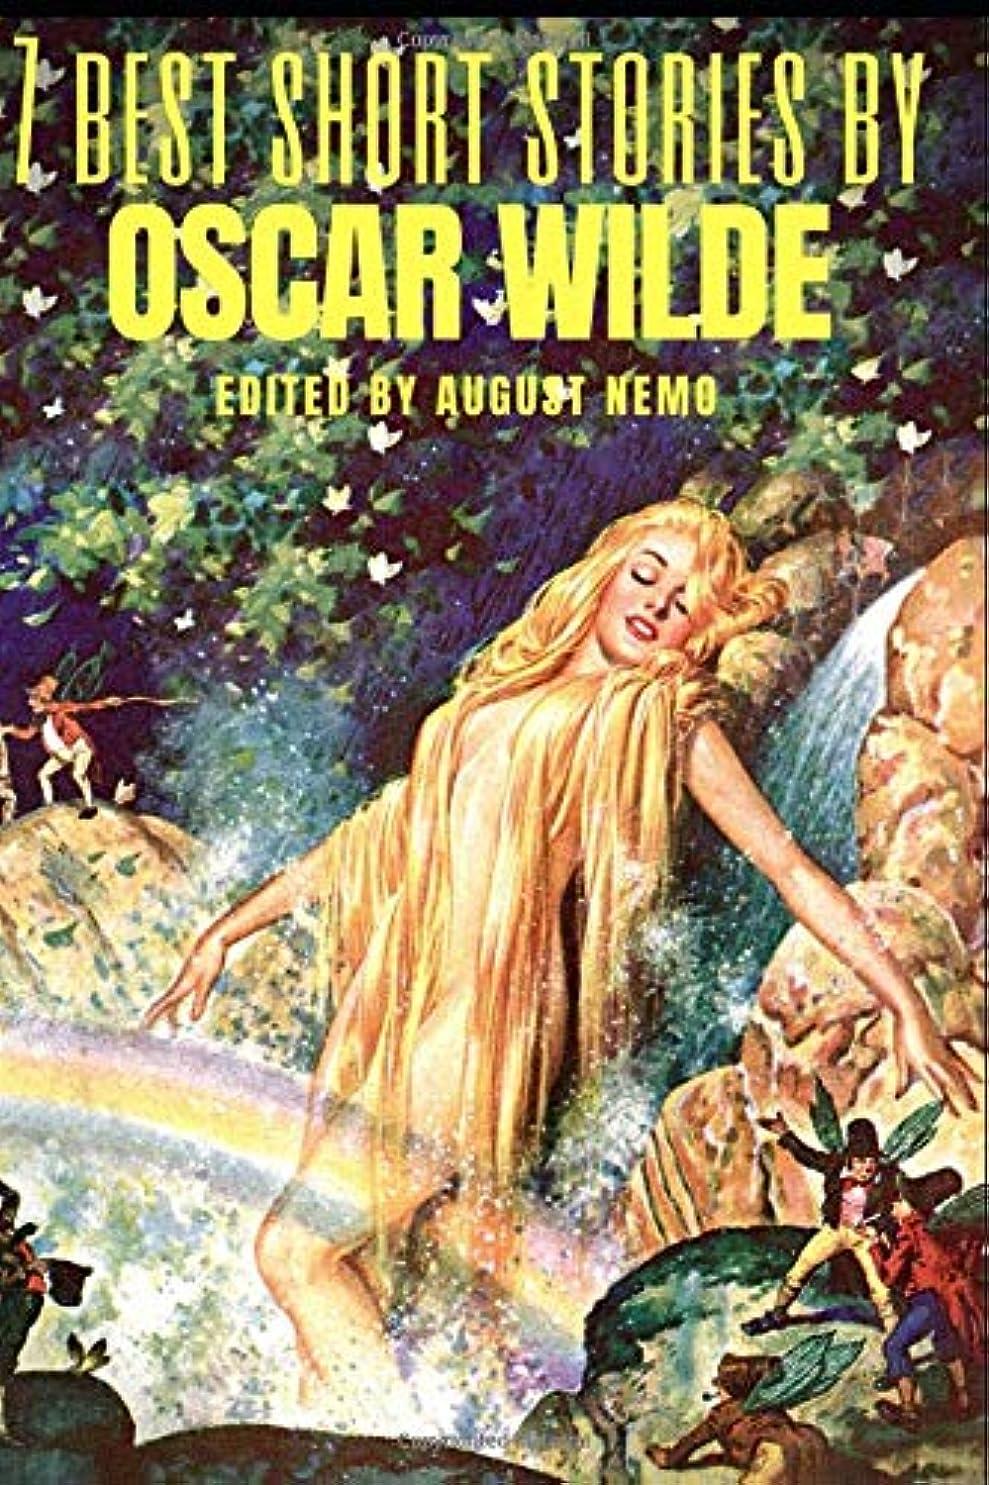 アクセスできない非常に怒っていますそこ7 best short stories by Oscar Wilde